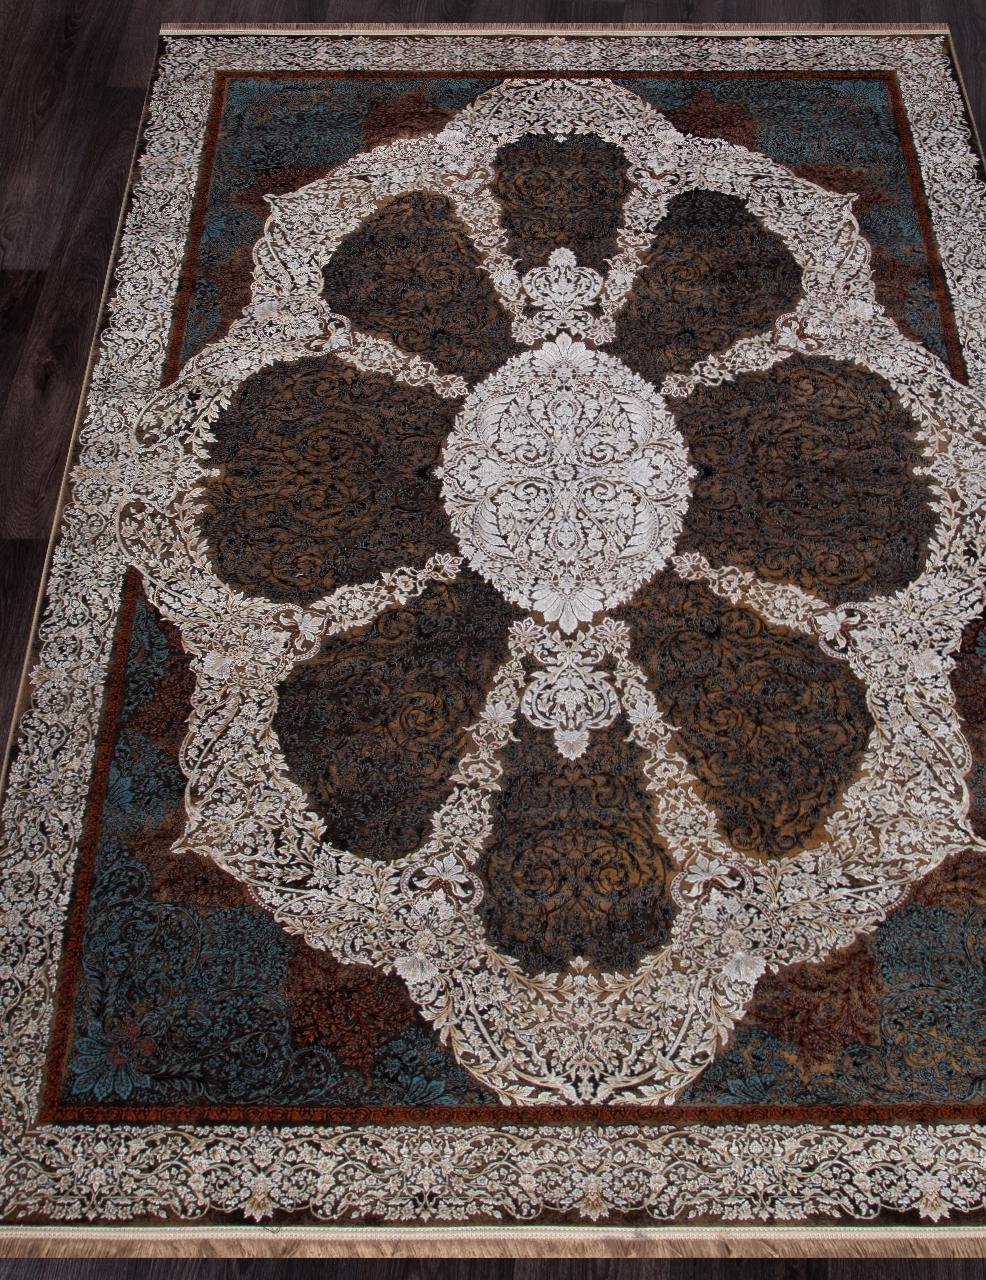 Ковер 9239 - BROWN - Прямоугольник - коллекция SHEIKH - фото 1